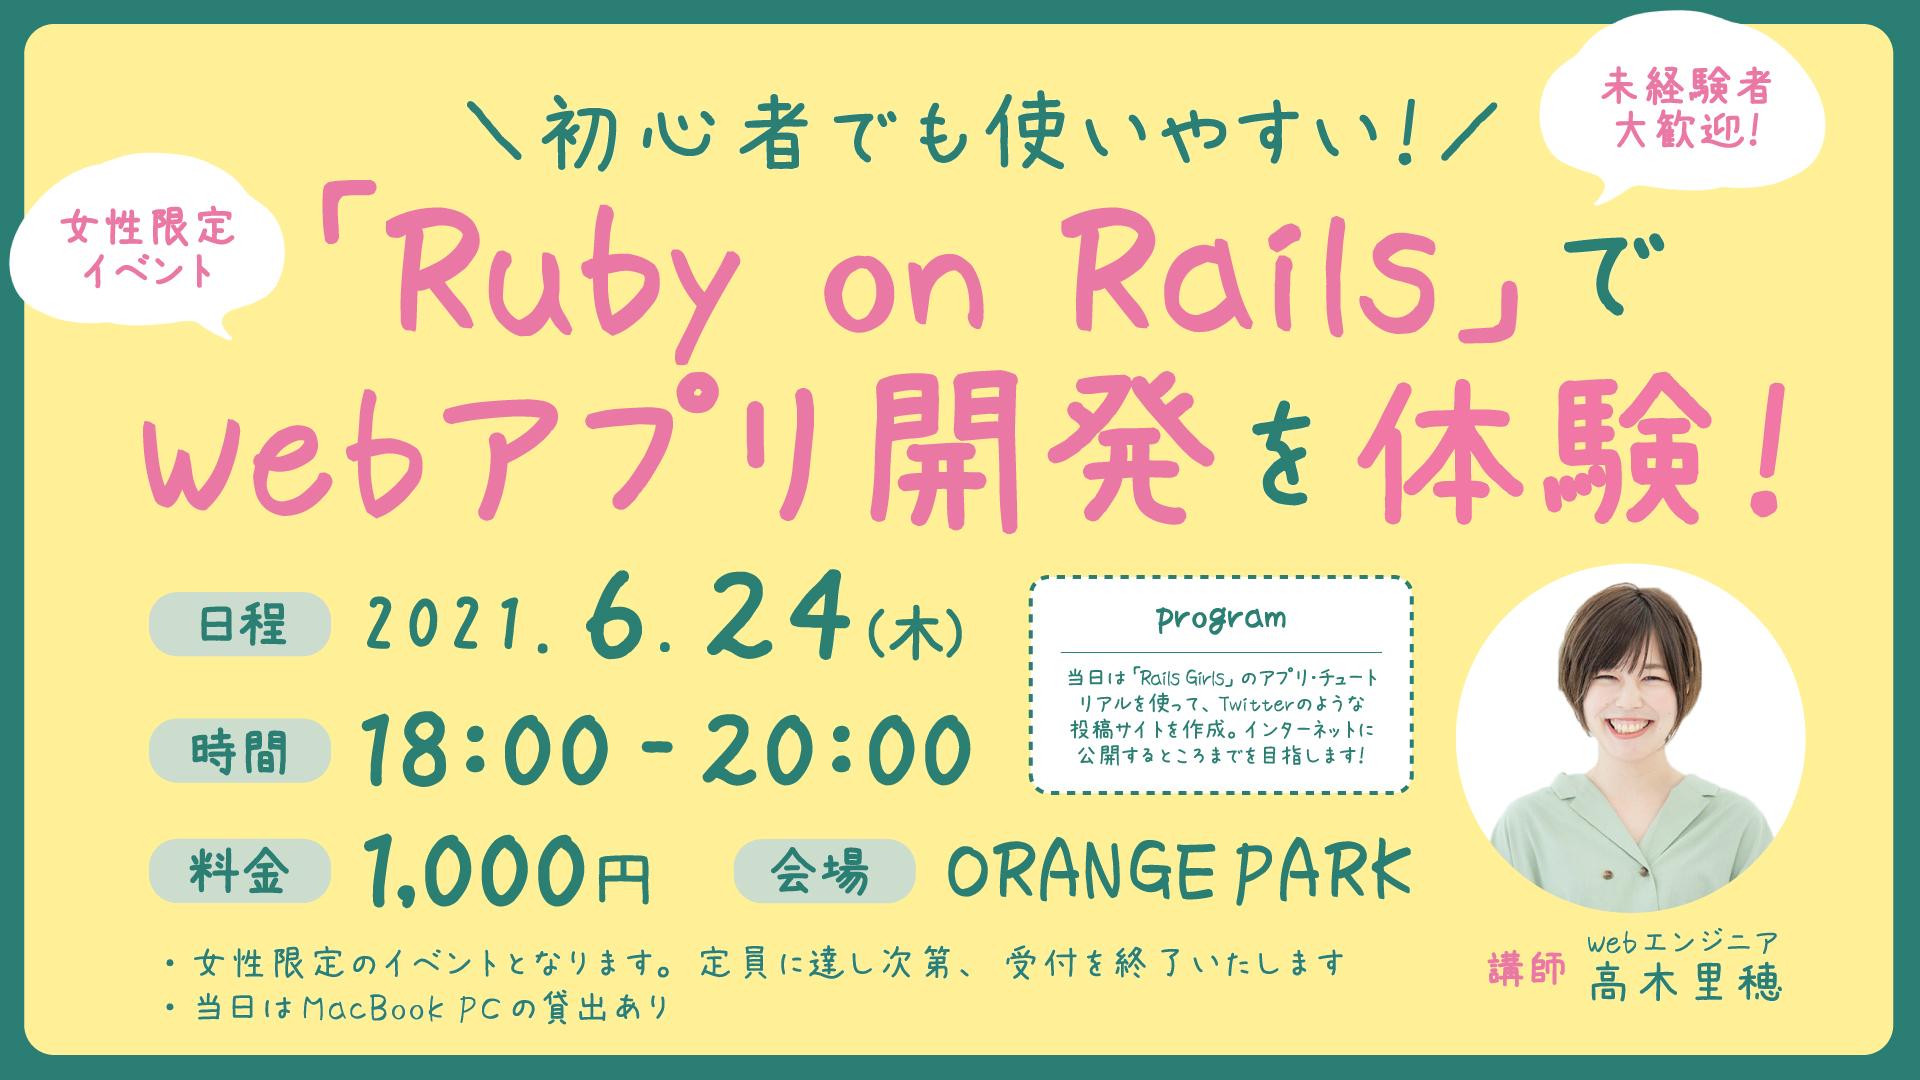 【女性限定】【未経験者大歓迎】 初心者でも使える!「Ruby on Rails」でWebアプリ開発を体験!